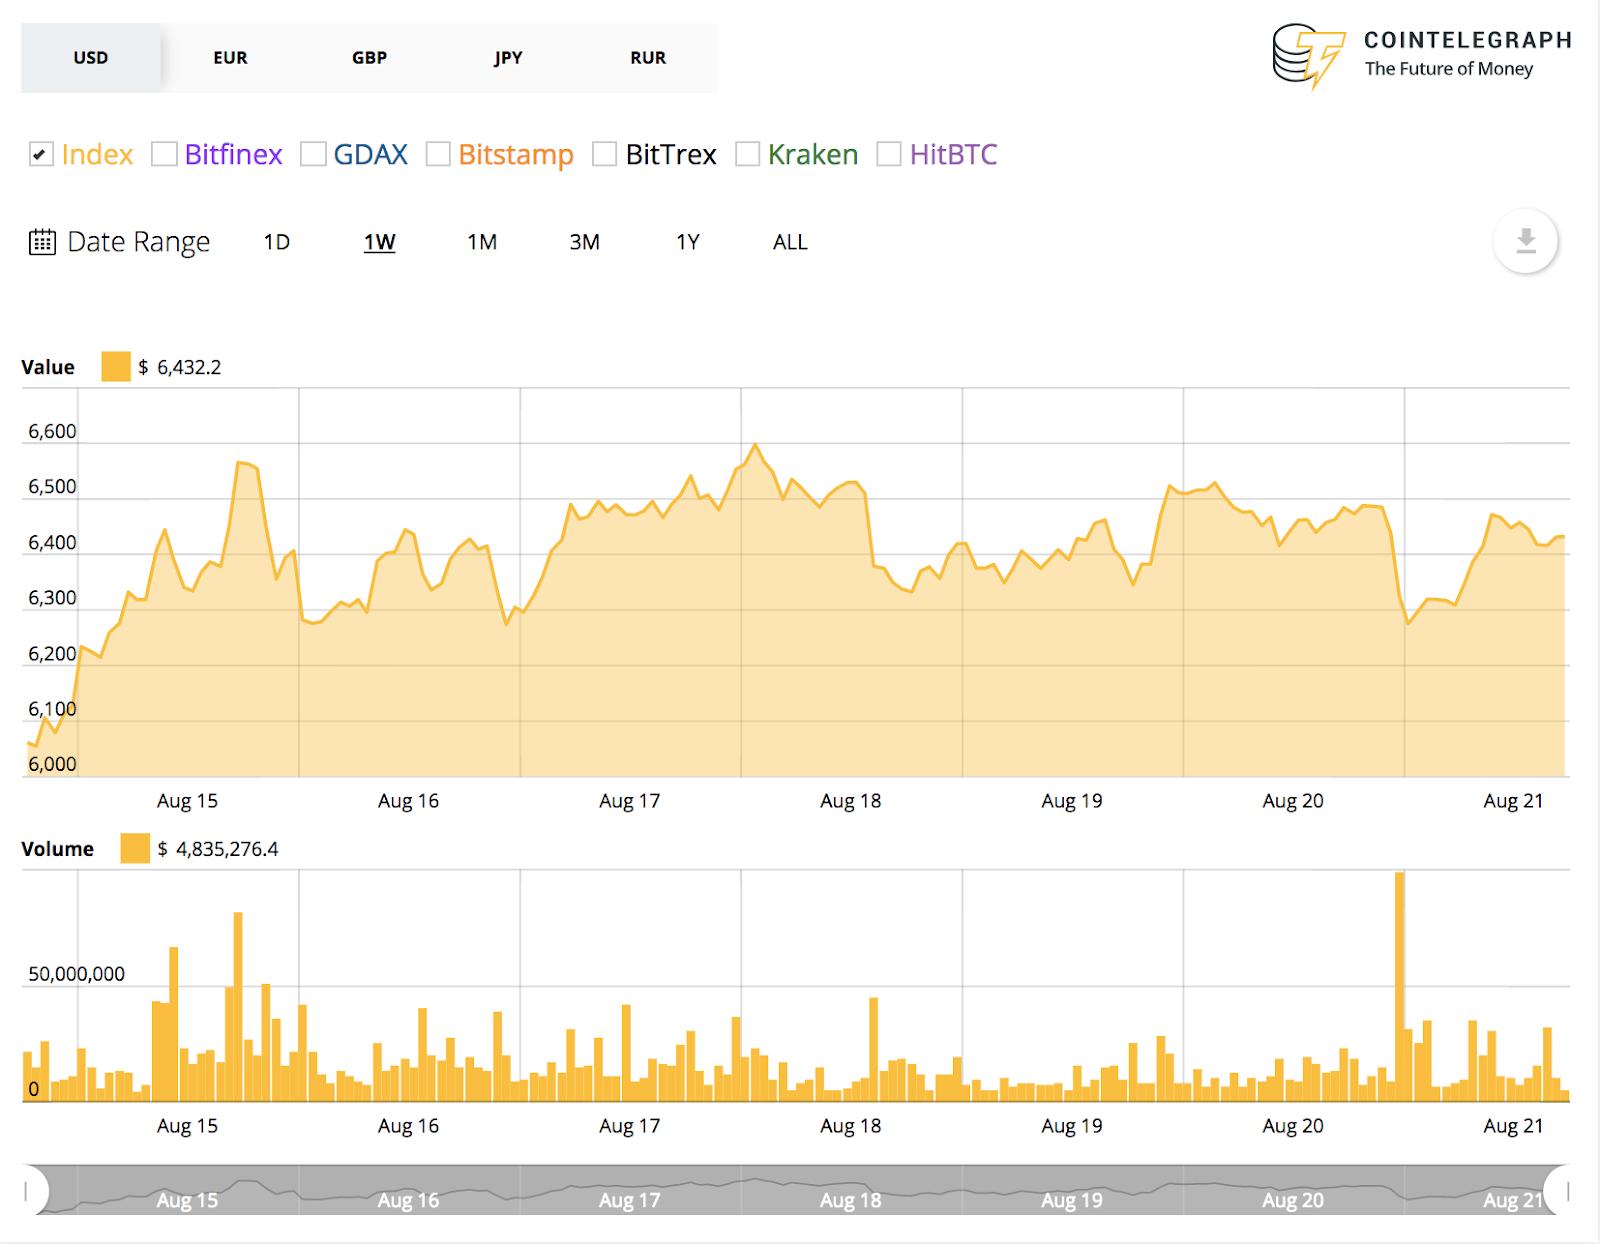 Bitcoin's 7-day price chart